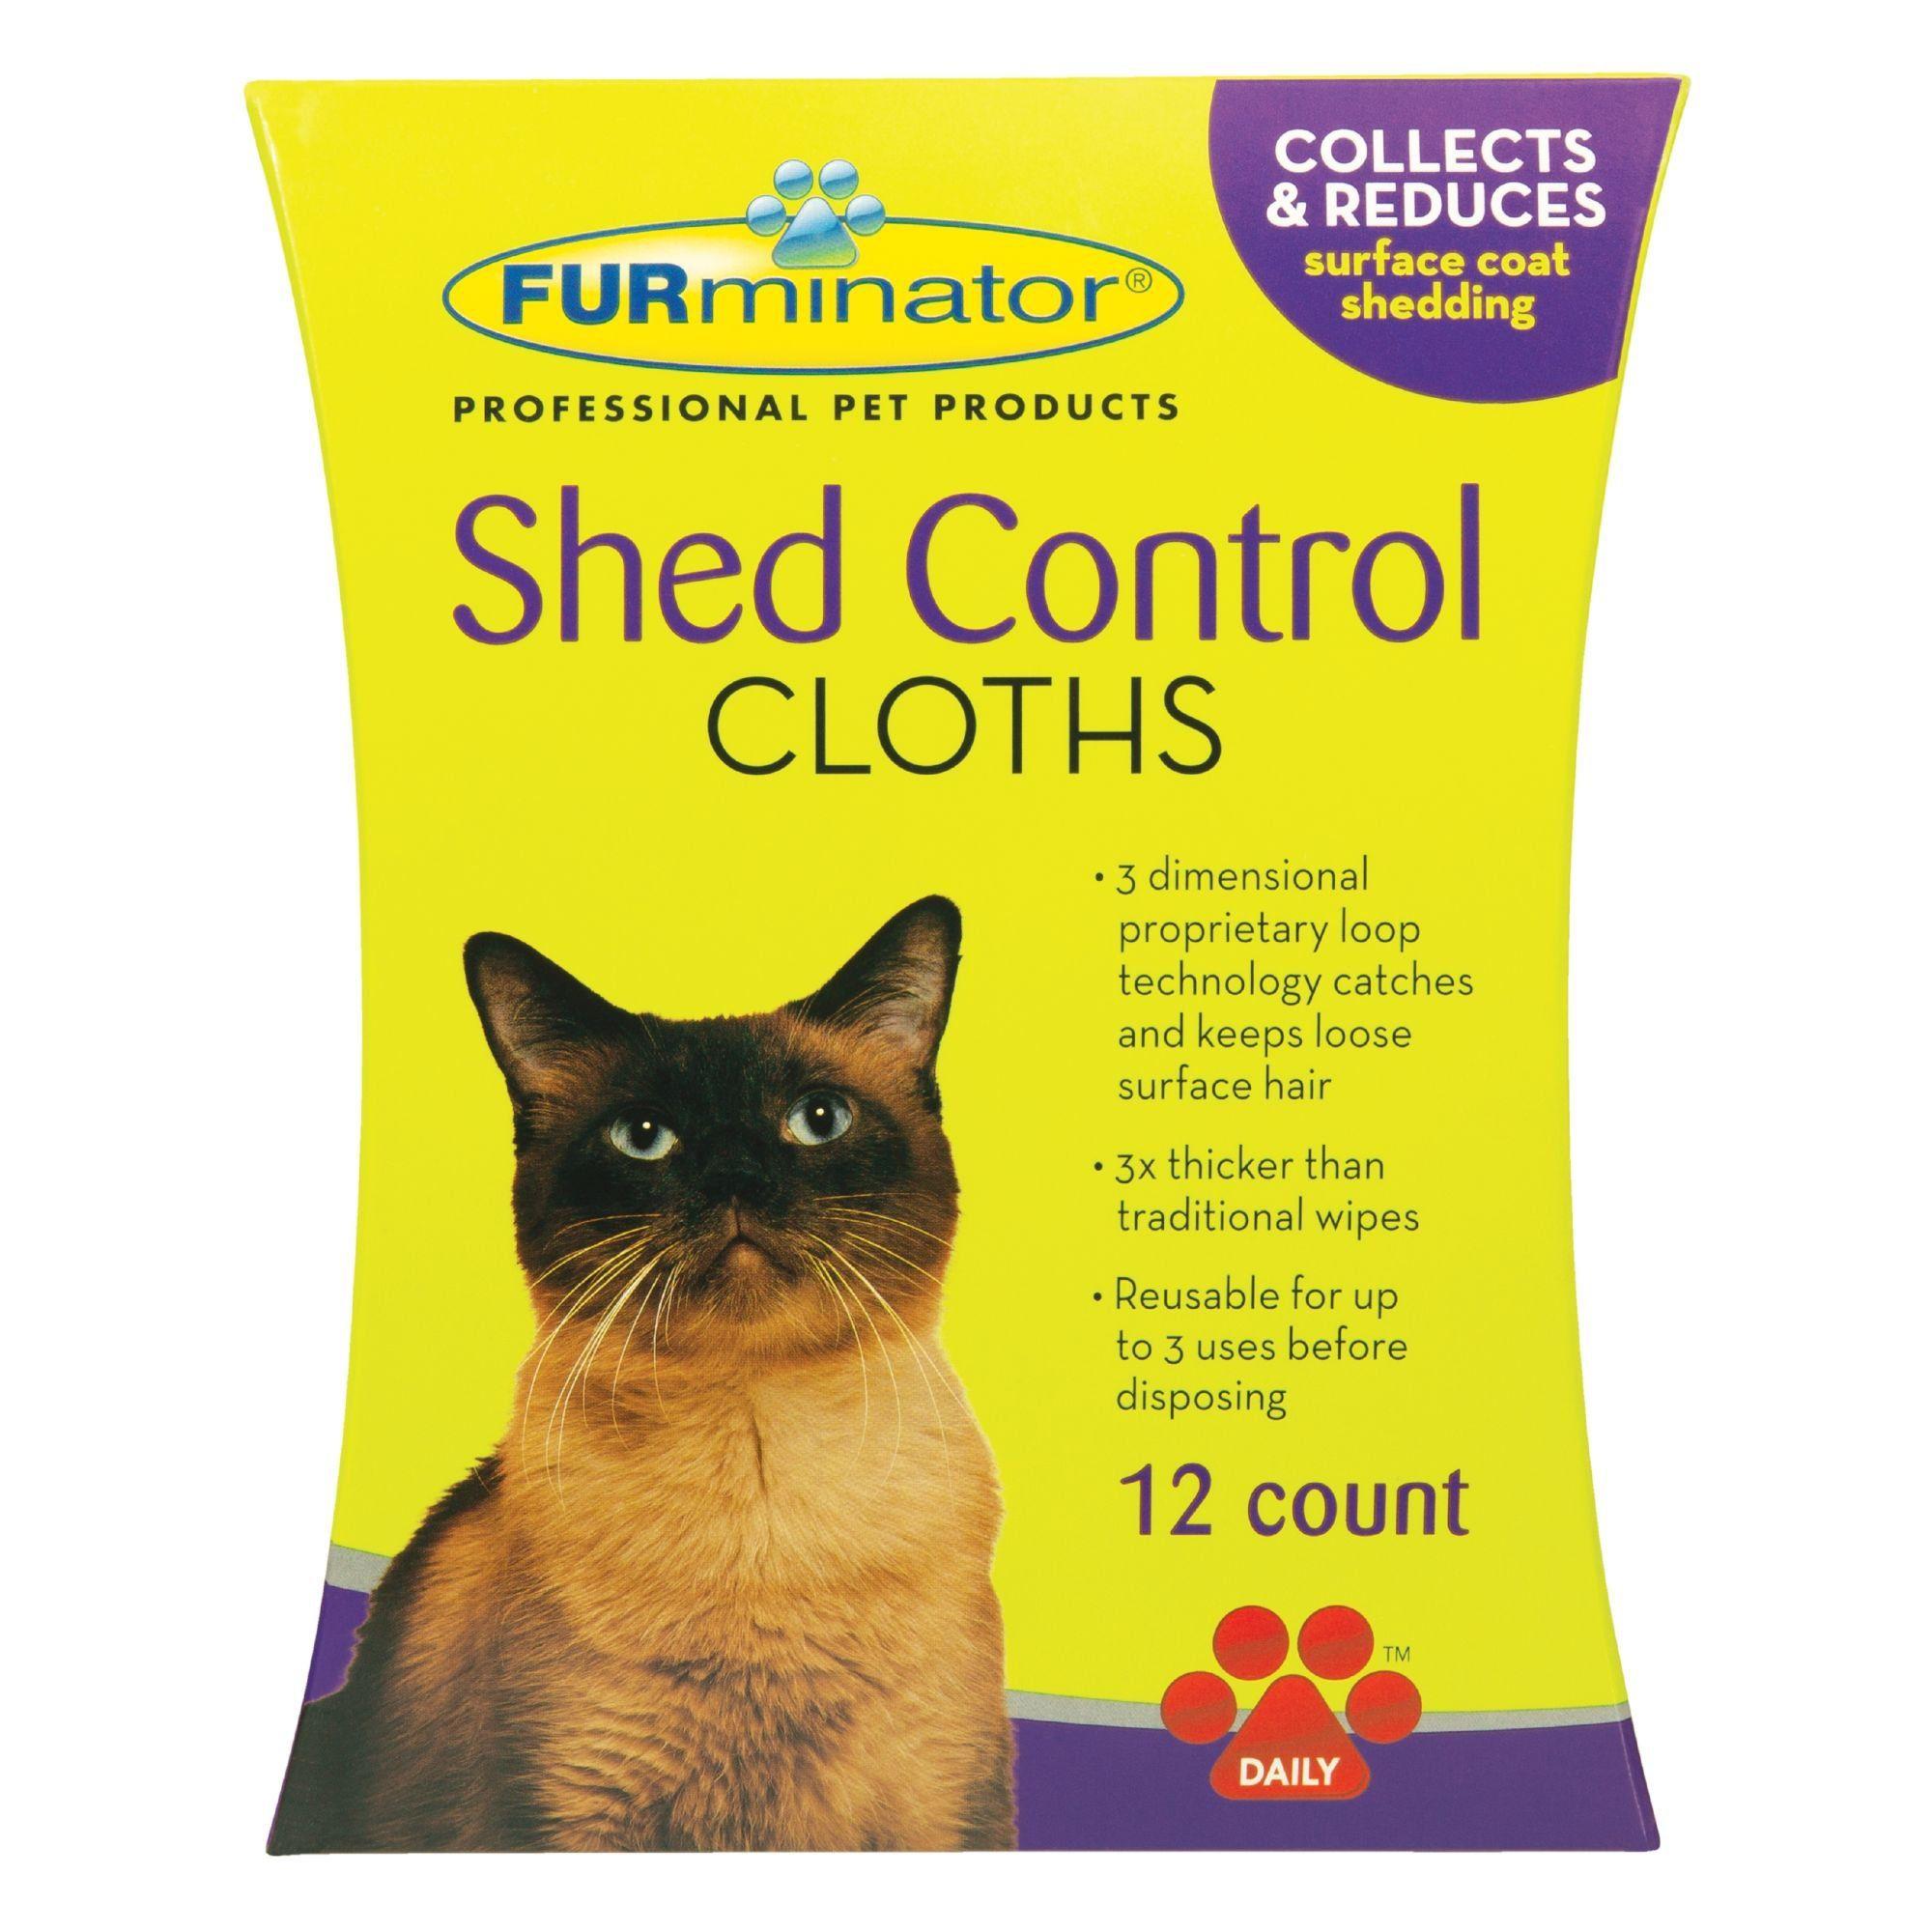 Furminator Cat Shed Control Cloths 12 Count Petco In 2020 Furminator Cat Cat Shedding Furminator